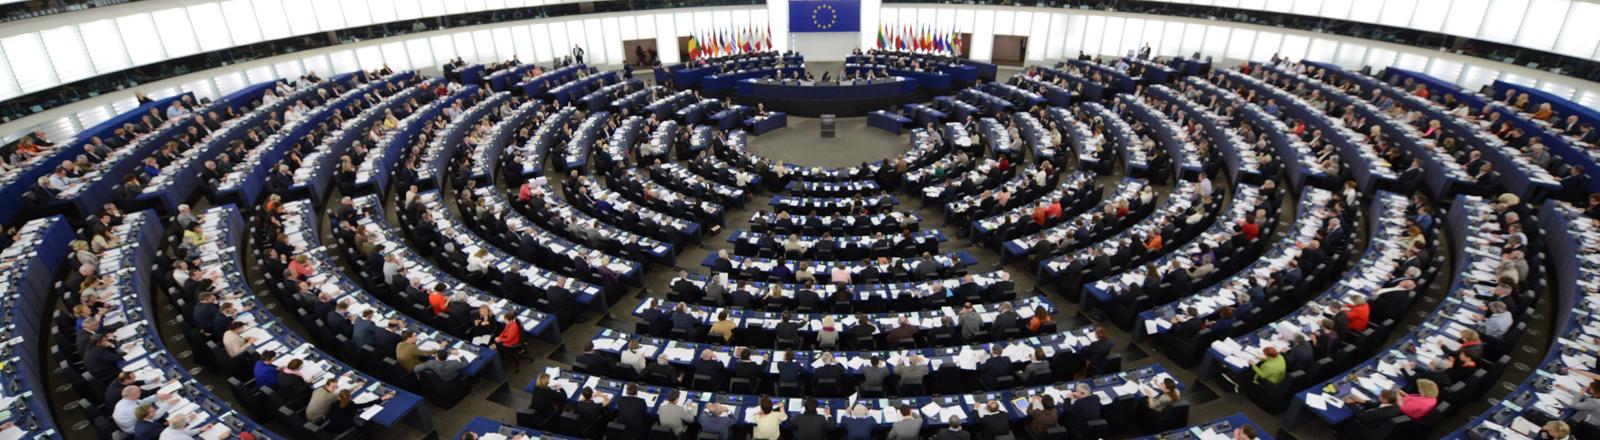 Eine Massenveranstaltung - die Plenarsitzung des Europäischen Parlaments in Straßbourg am 15.04.2014.